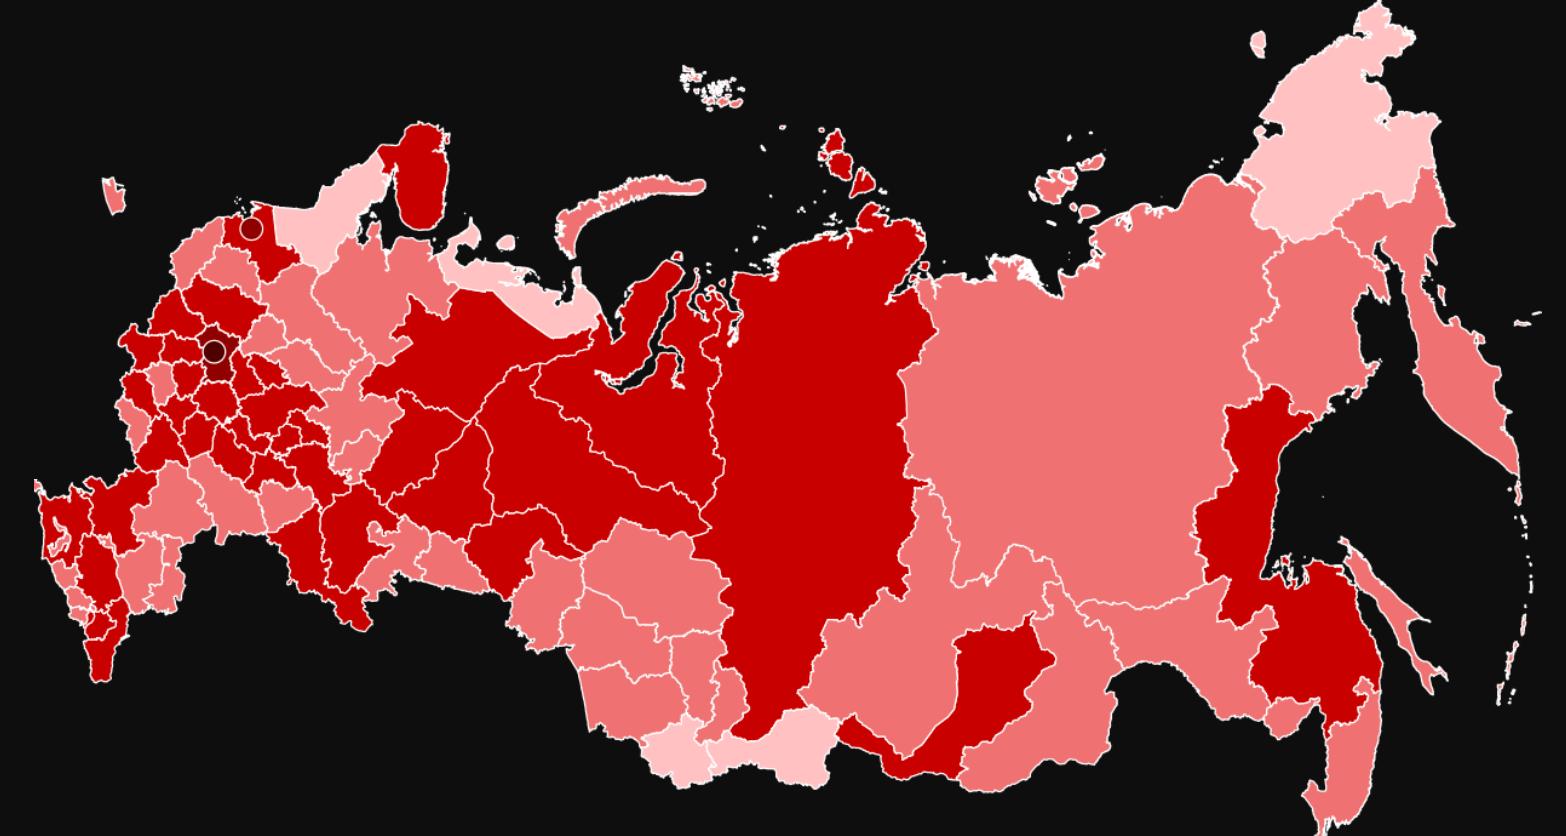 В России впервые в истории обанкротился целый регион: Ингушетия пала первой, на очереди ряд областей